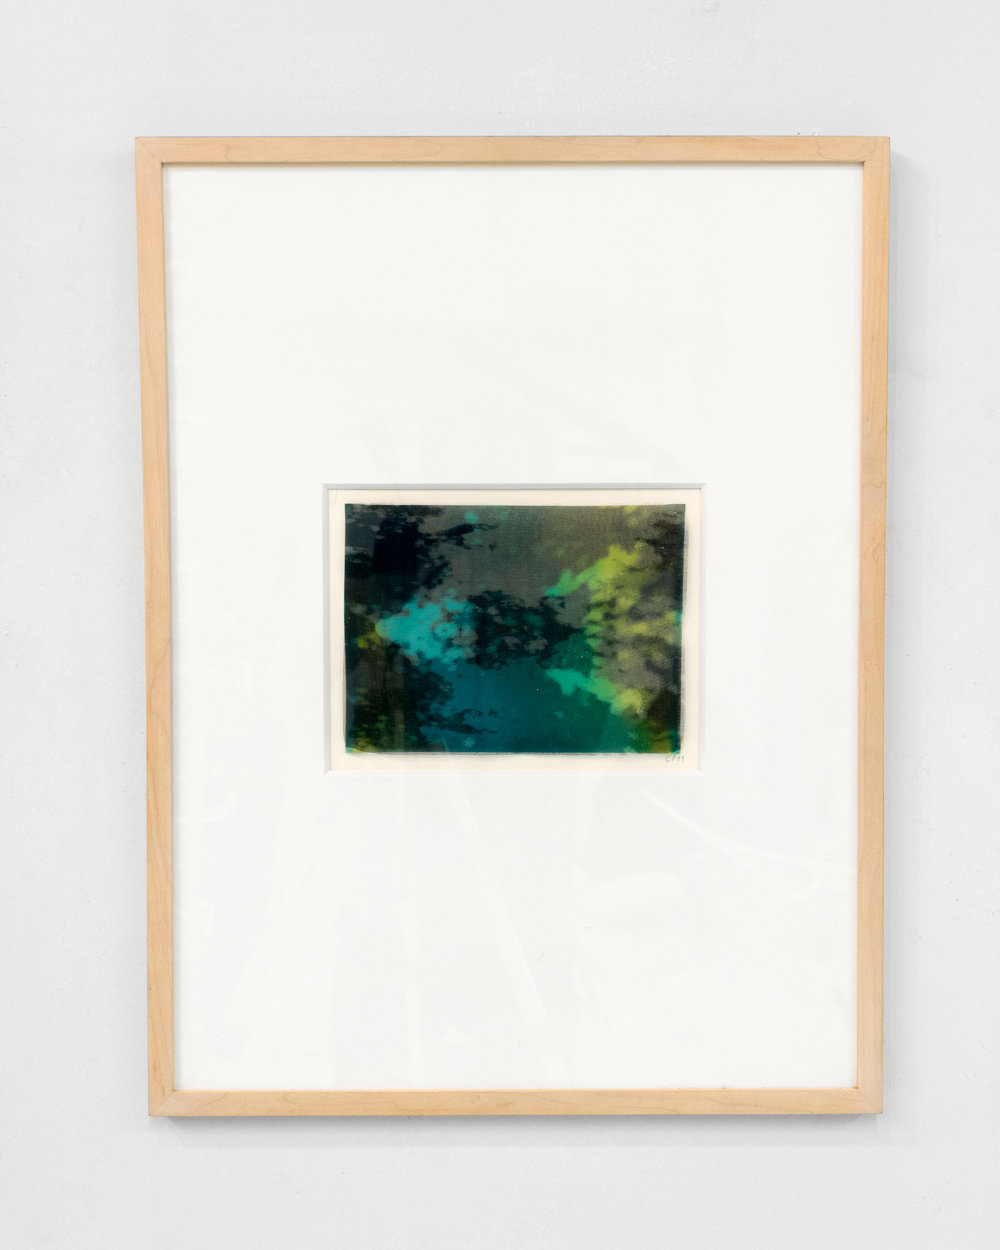 Carol Peligian,  Congruit Universa I , 1999, silk, graphite, plastic, ink, 24 3/4 x 18 3/4 inches